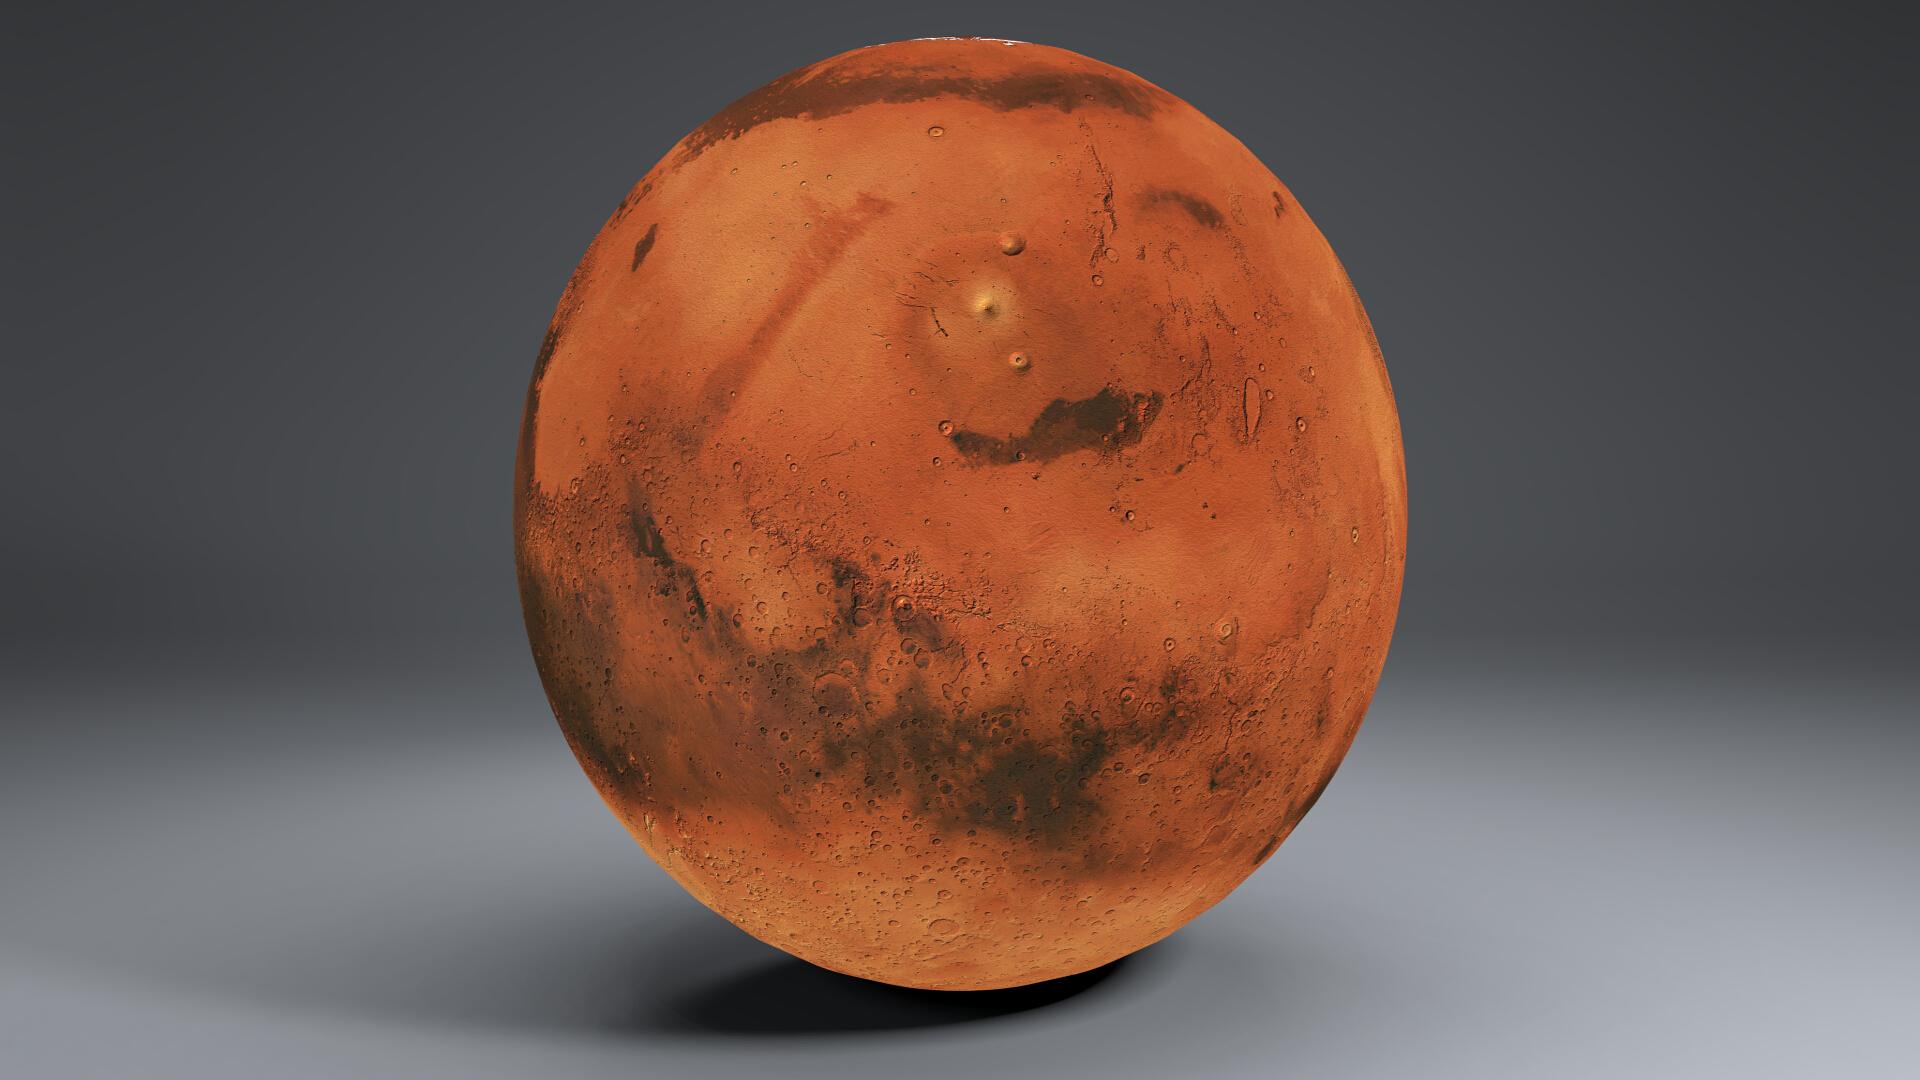 Mars 8k globe 3d model 3ds fbx qarışığı da 223131